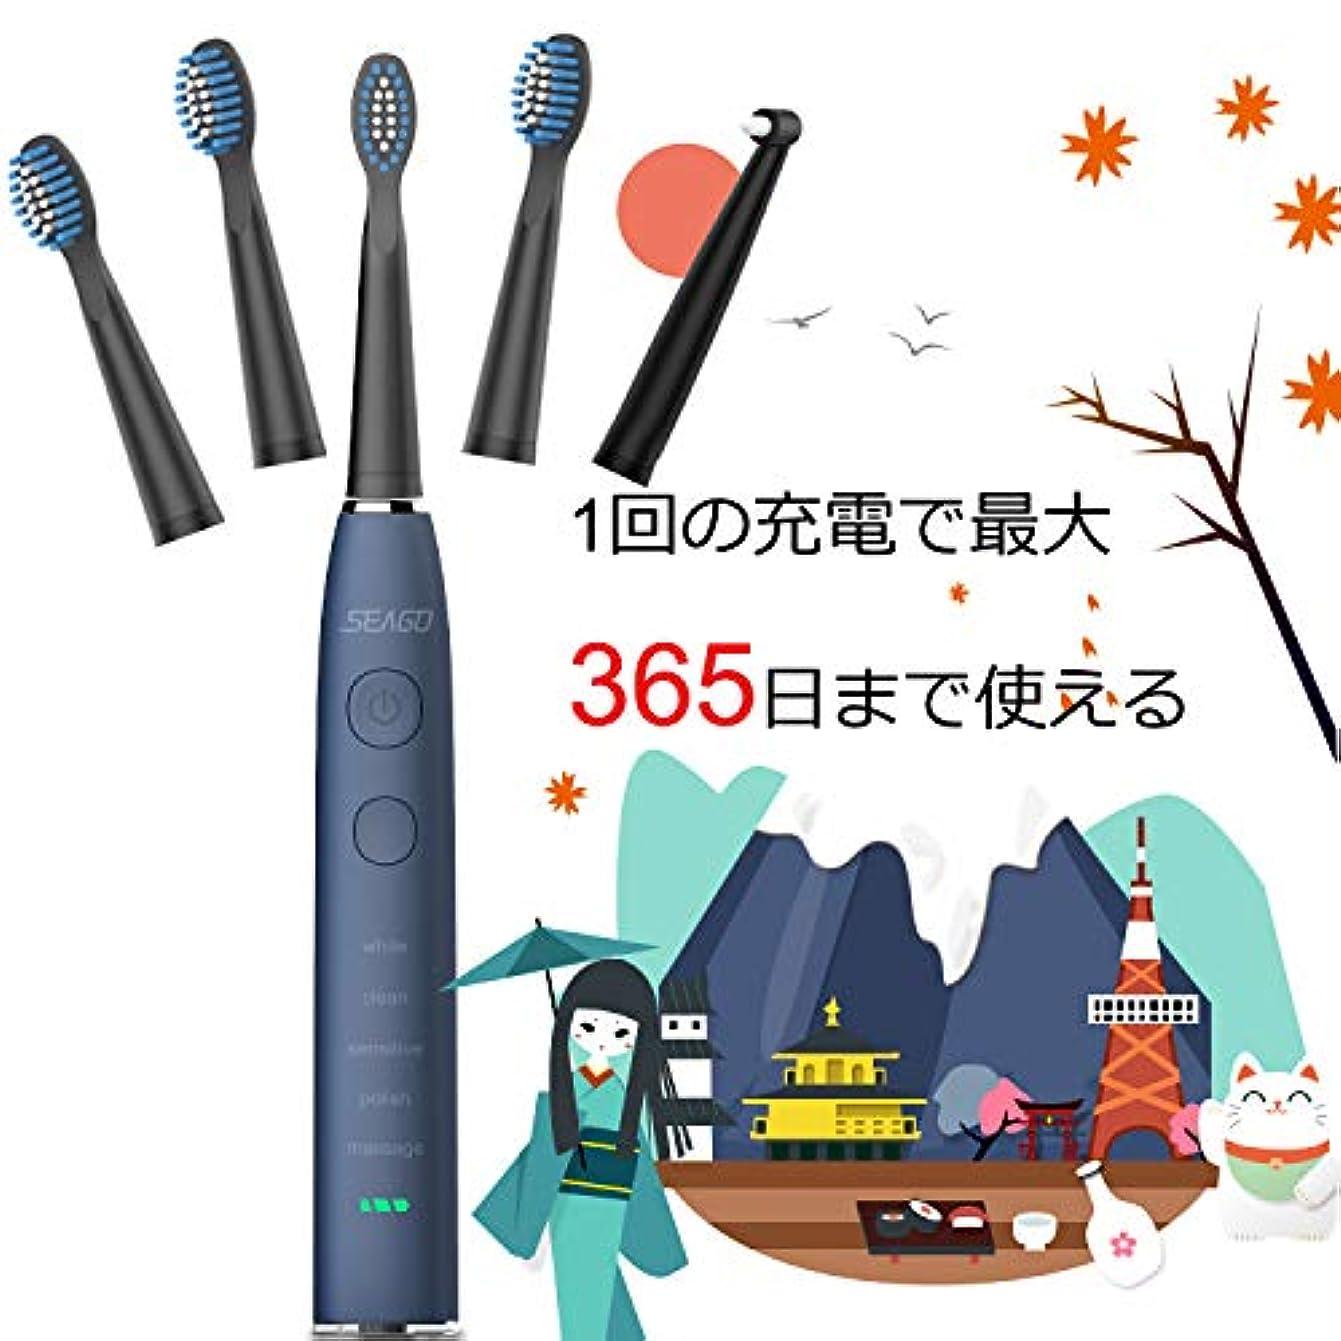 進化講義糸電動歯ブラシ 歯ブラシ seago 音波歯ブラシ USB充電式8時間 365日に使用 IPX7防水 五つモードと2分オートタイマー機能搭載 替えブラシ5本 12ヶ月メーカー保証 SG-575(ブルー)